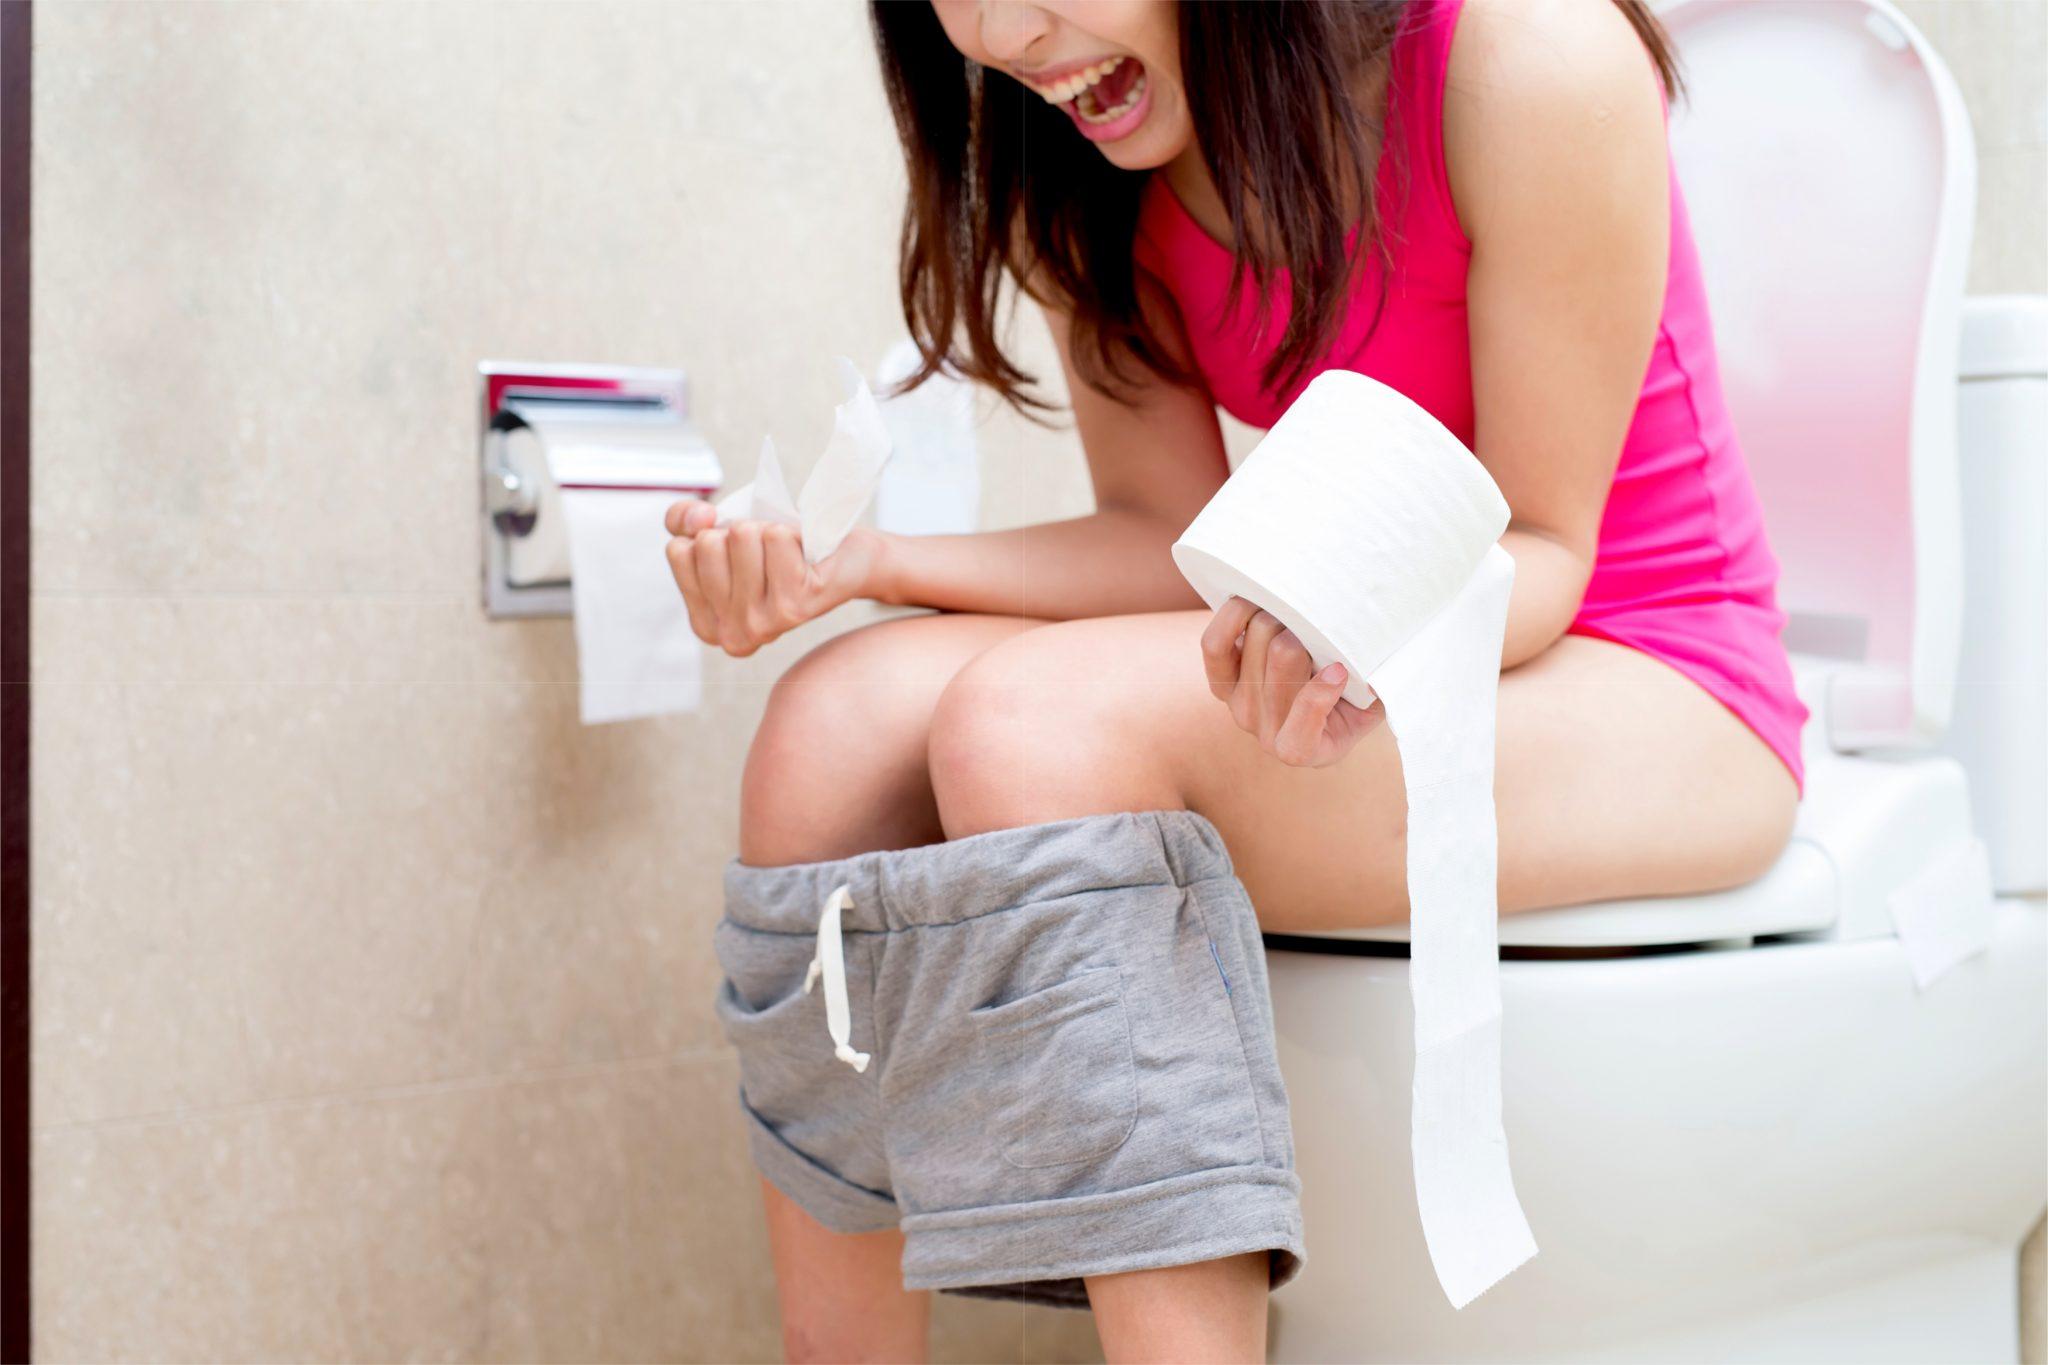 便秘の女性がトイレで気張ってるところ